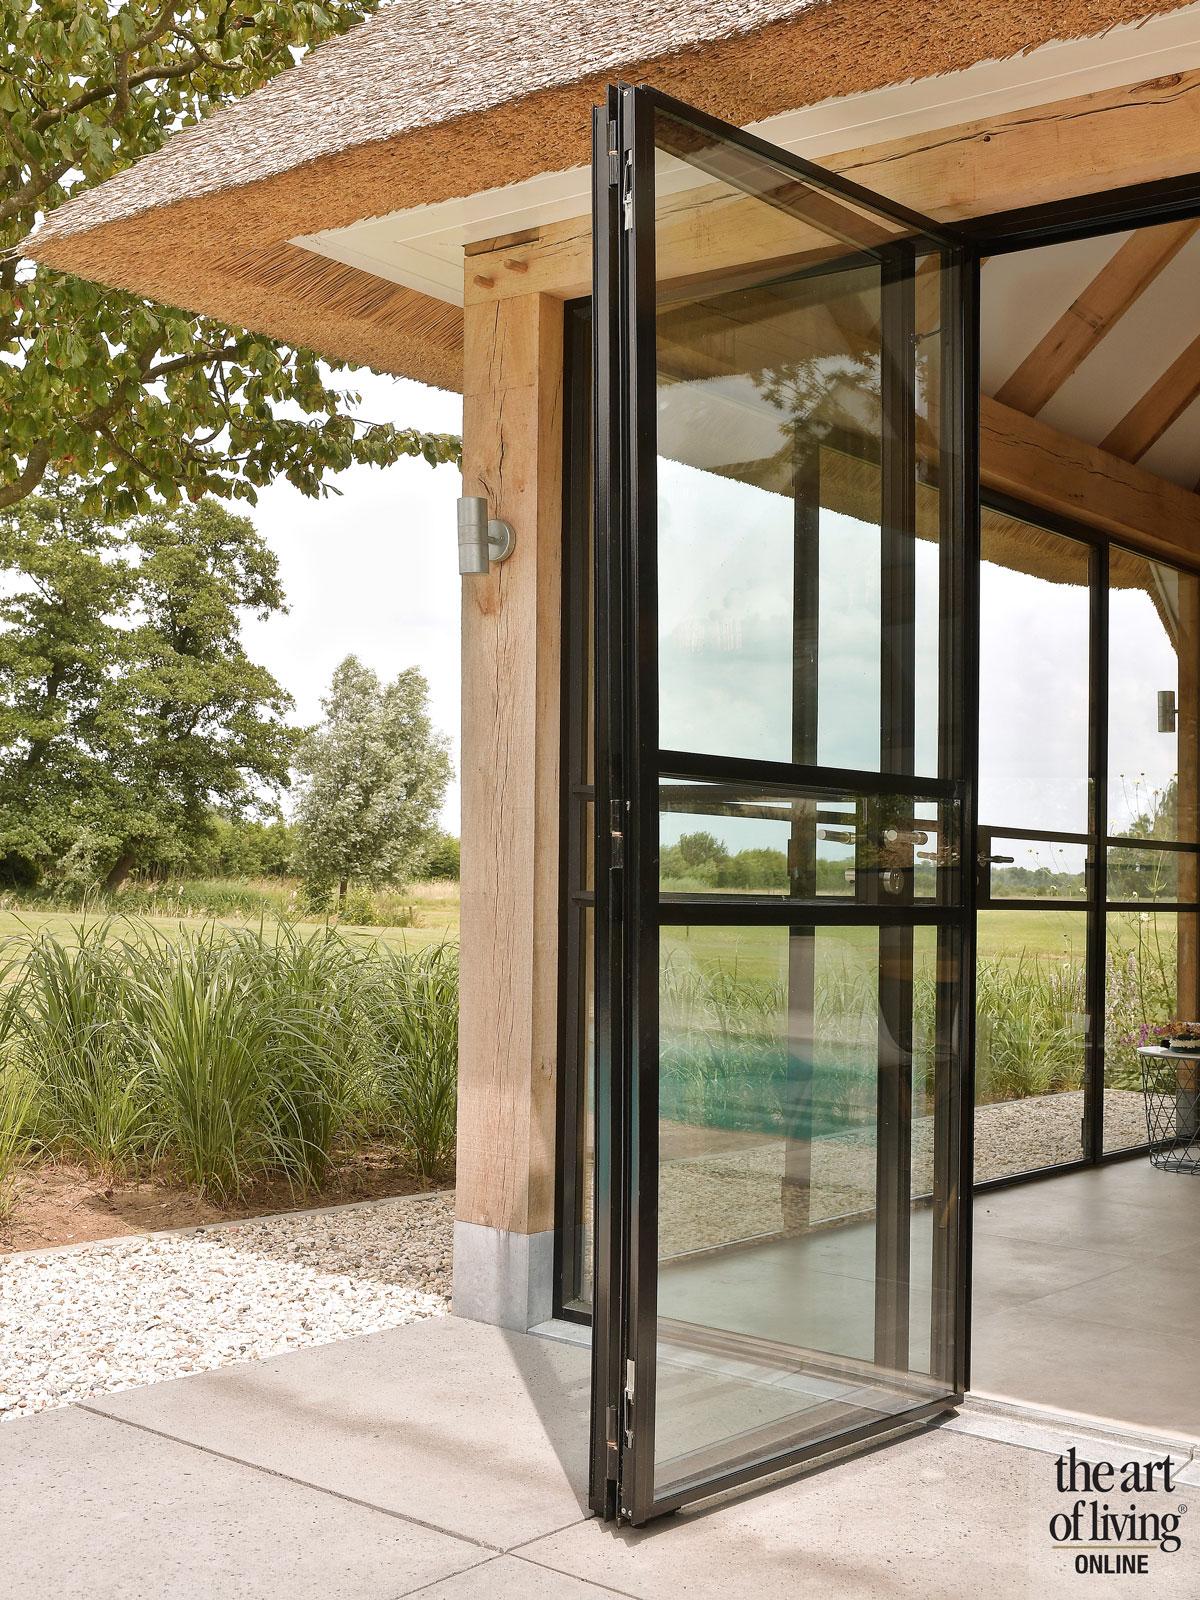 Poolhouse landelijk, stalen deuren, poolhouse bouwen, stalendeurenhuys, zwembad, the art of living